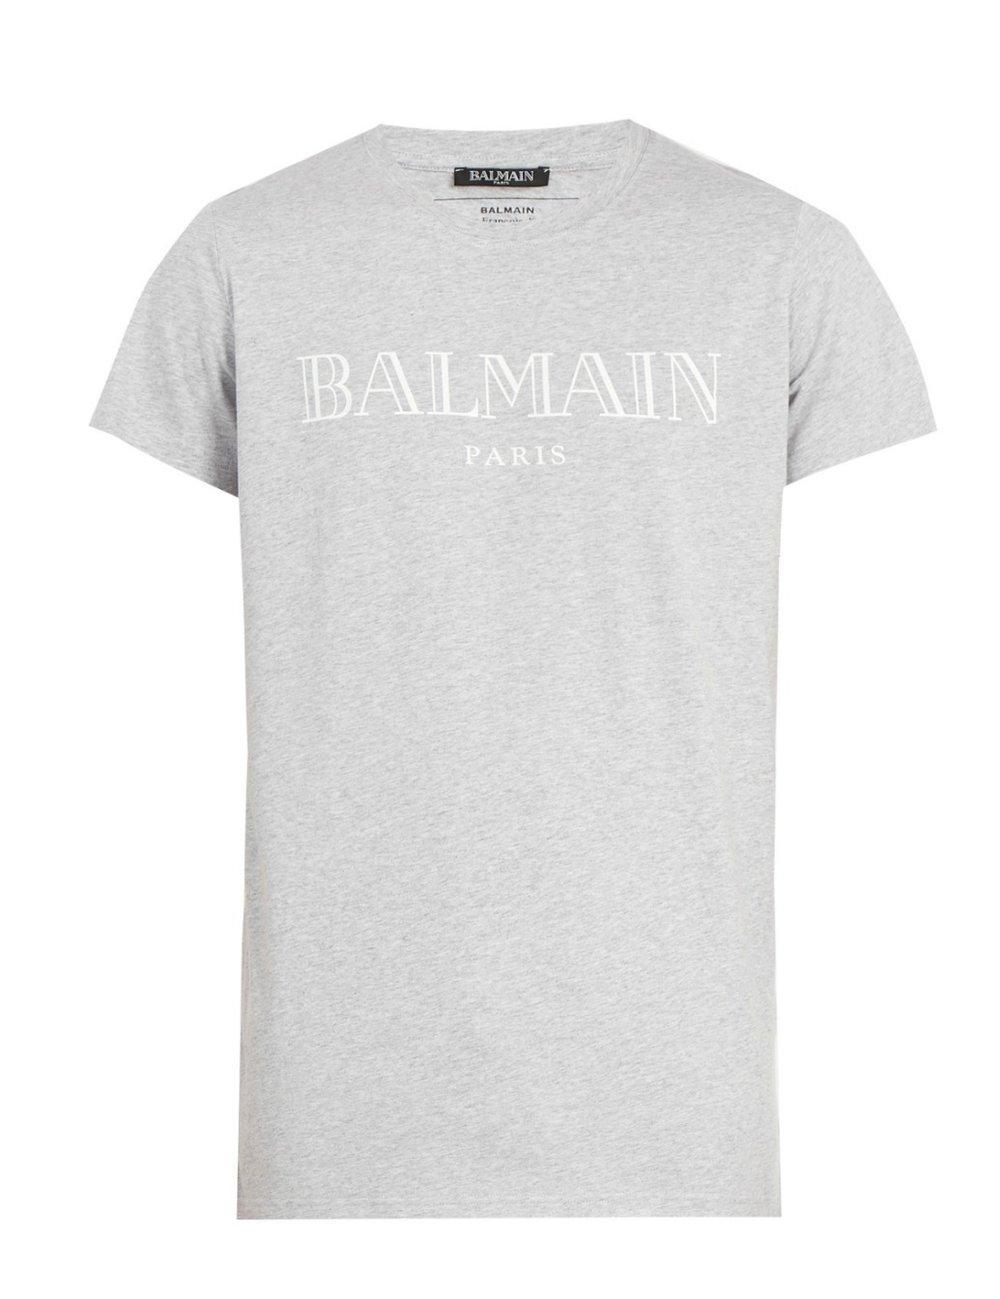 BALMAINLogo-print cotton tshirt - MATCHESFASHION.COM